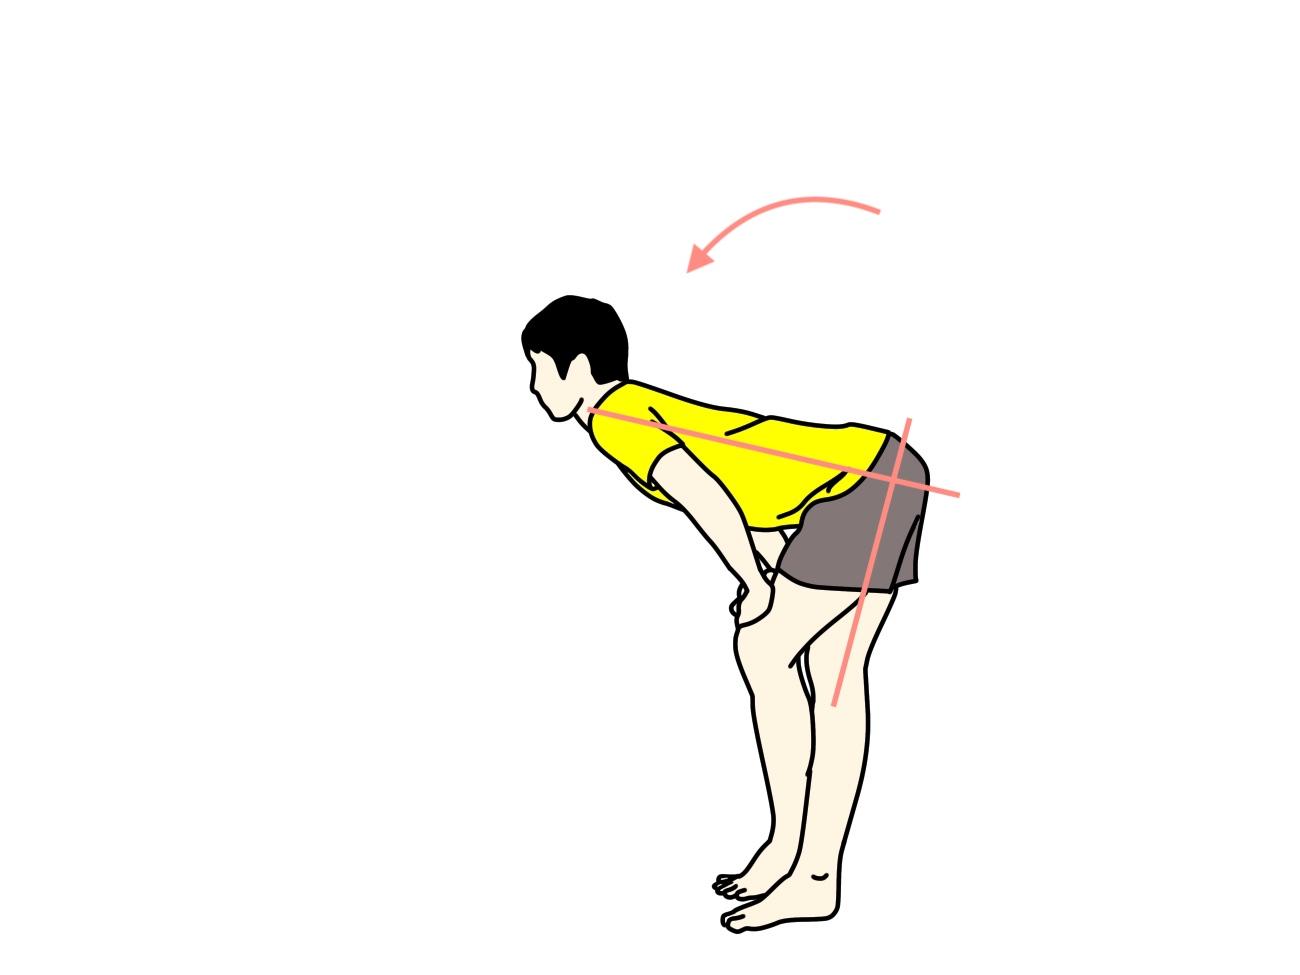 脚をクロスして行うもも裏の筋肉(ハムストリングス)のストレッチ